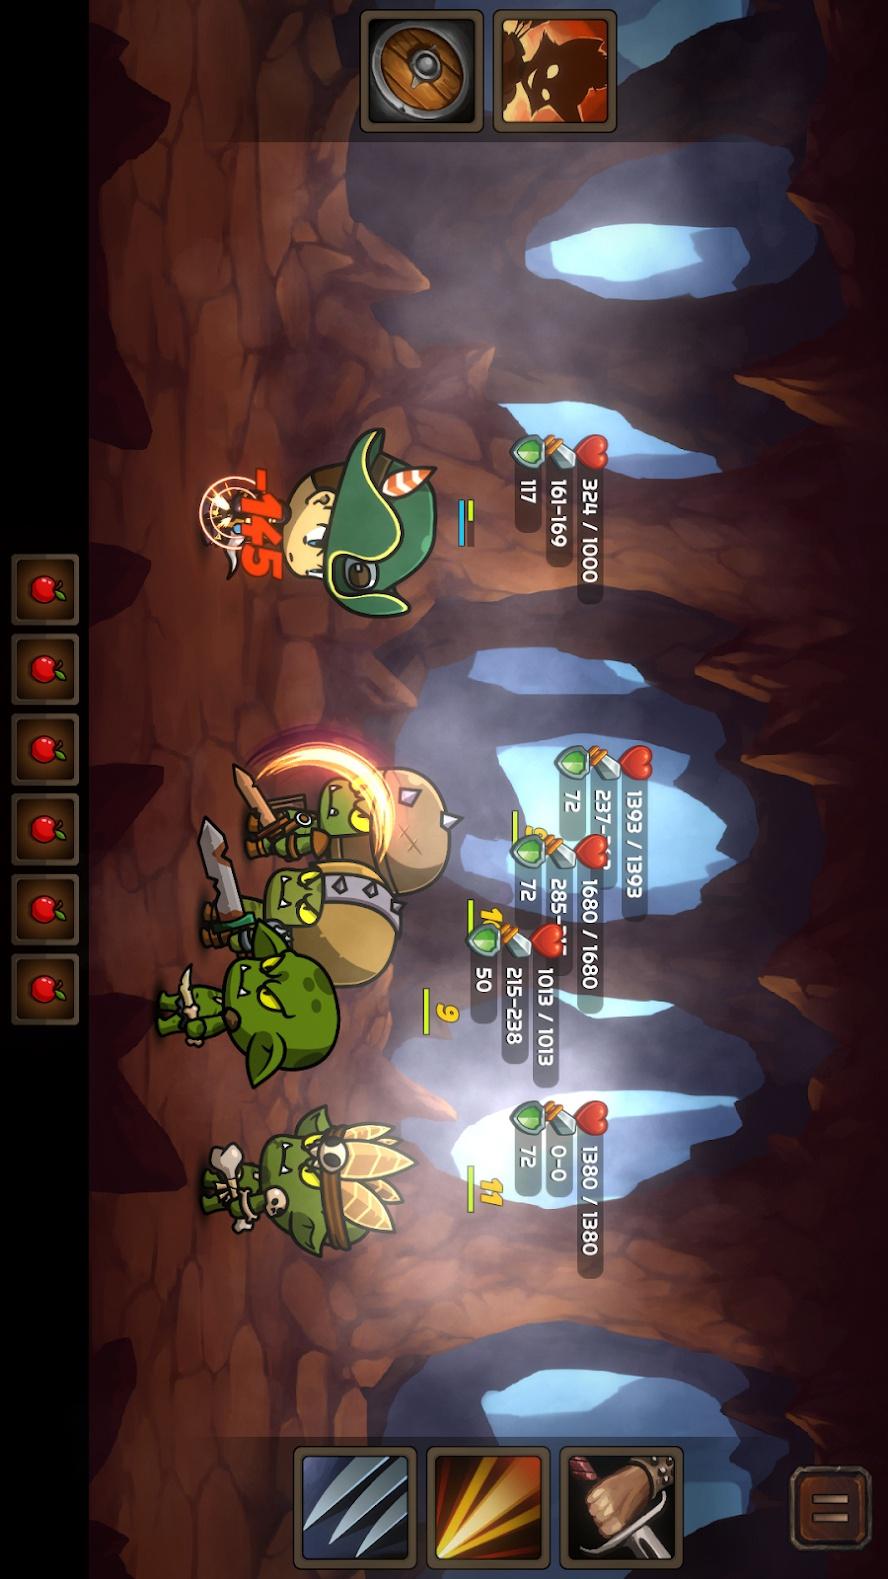 坎达英雄最新破解版游戏截图